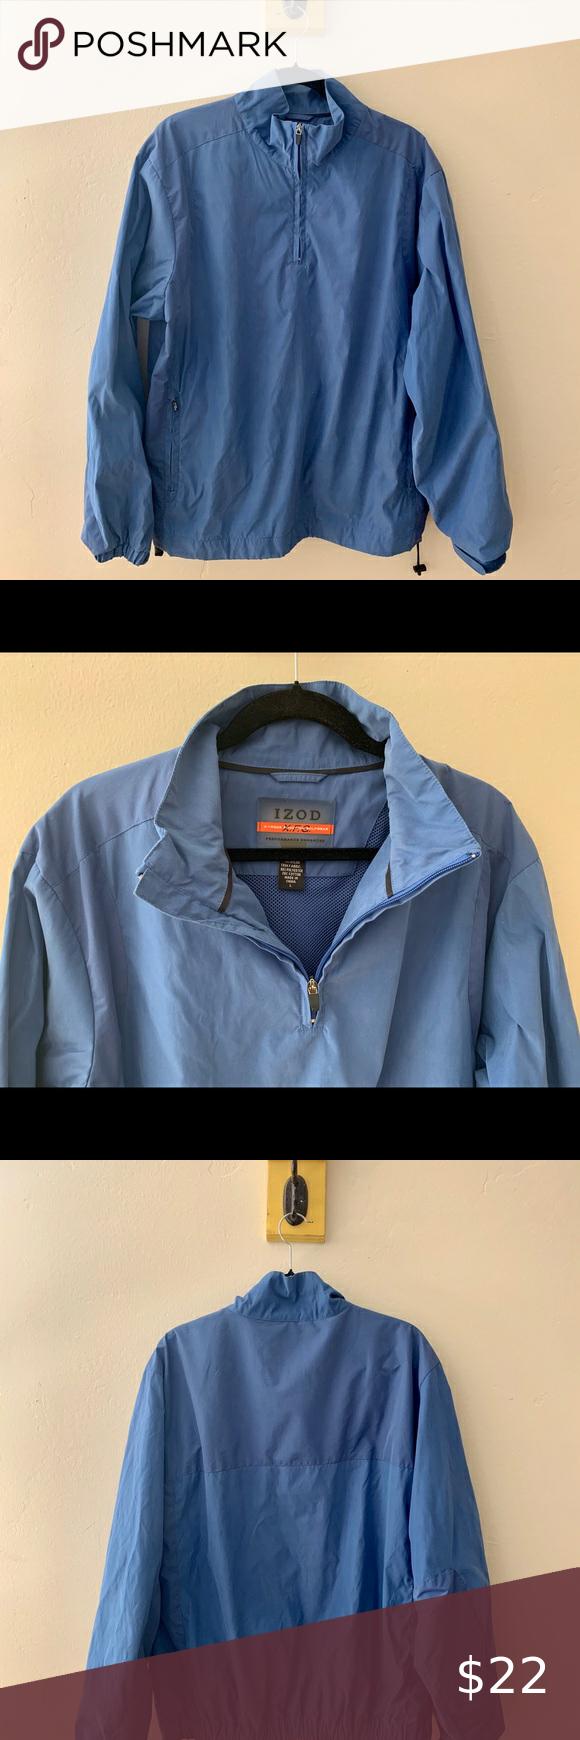 Izod Pullover Golf Jacket Golf Jackets Pullover Pullover Jacket [ 1740 x 580 Pixel ]